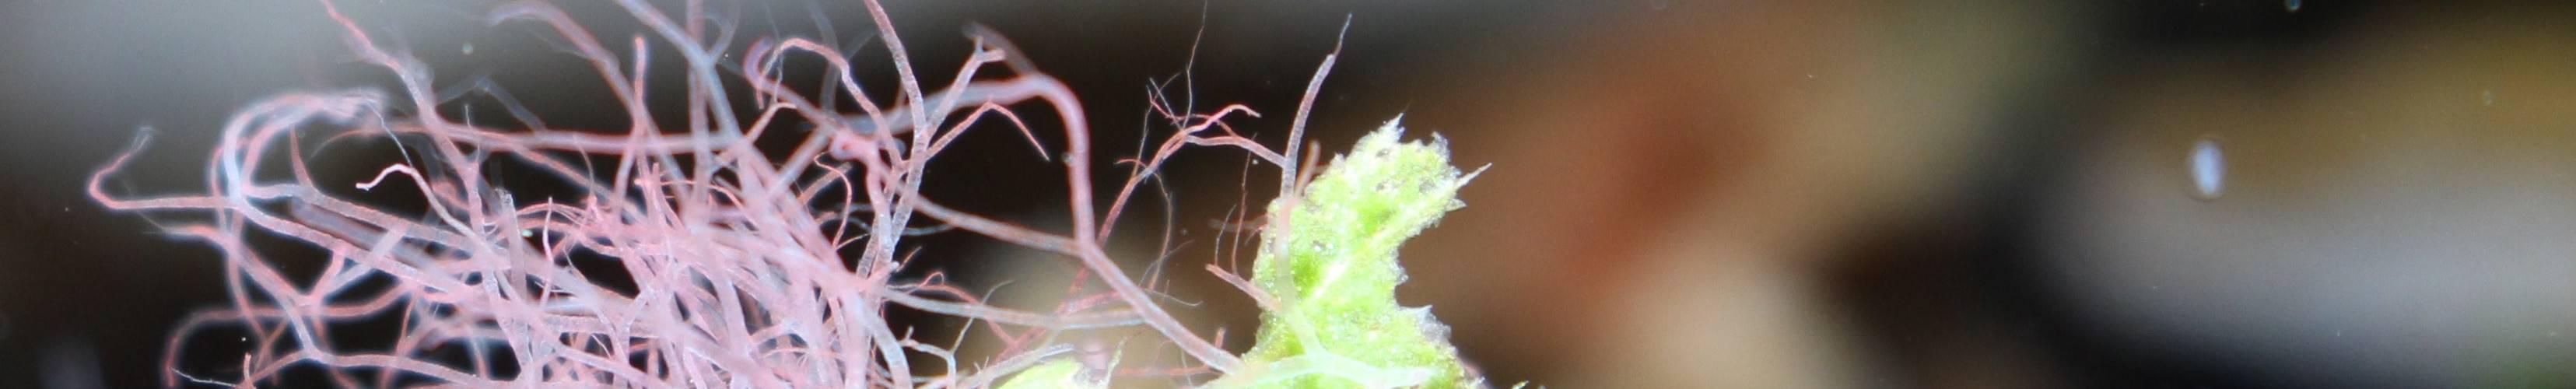 Algen im Aquarium Bild von Shrimpnerd